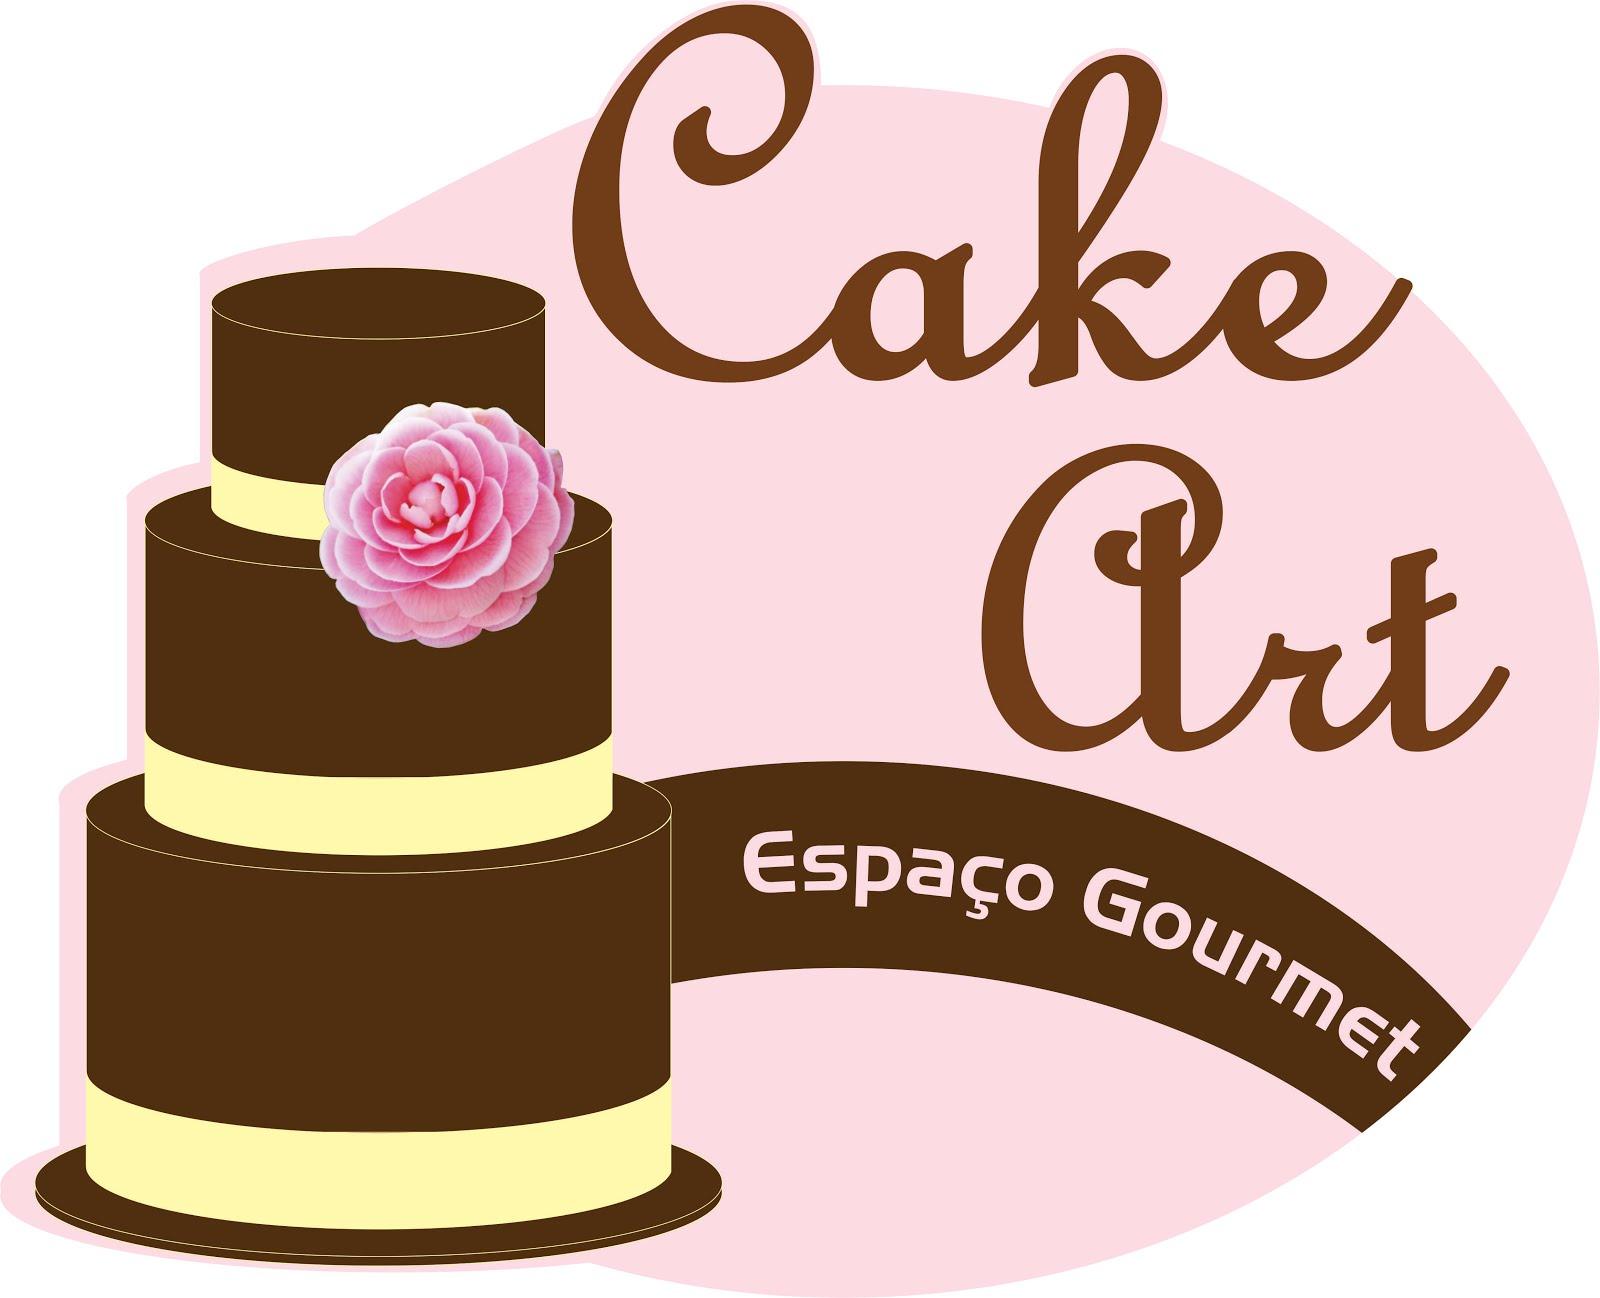 Cake e Arte by Rodolfo e Kari